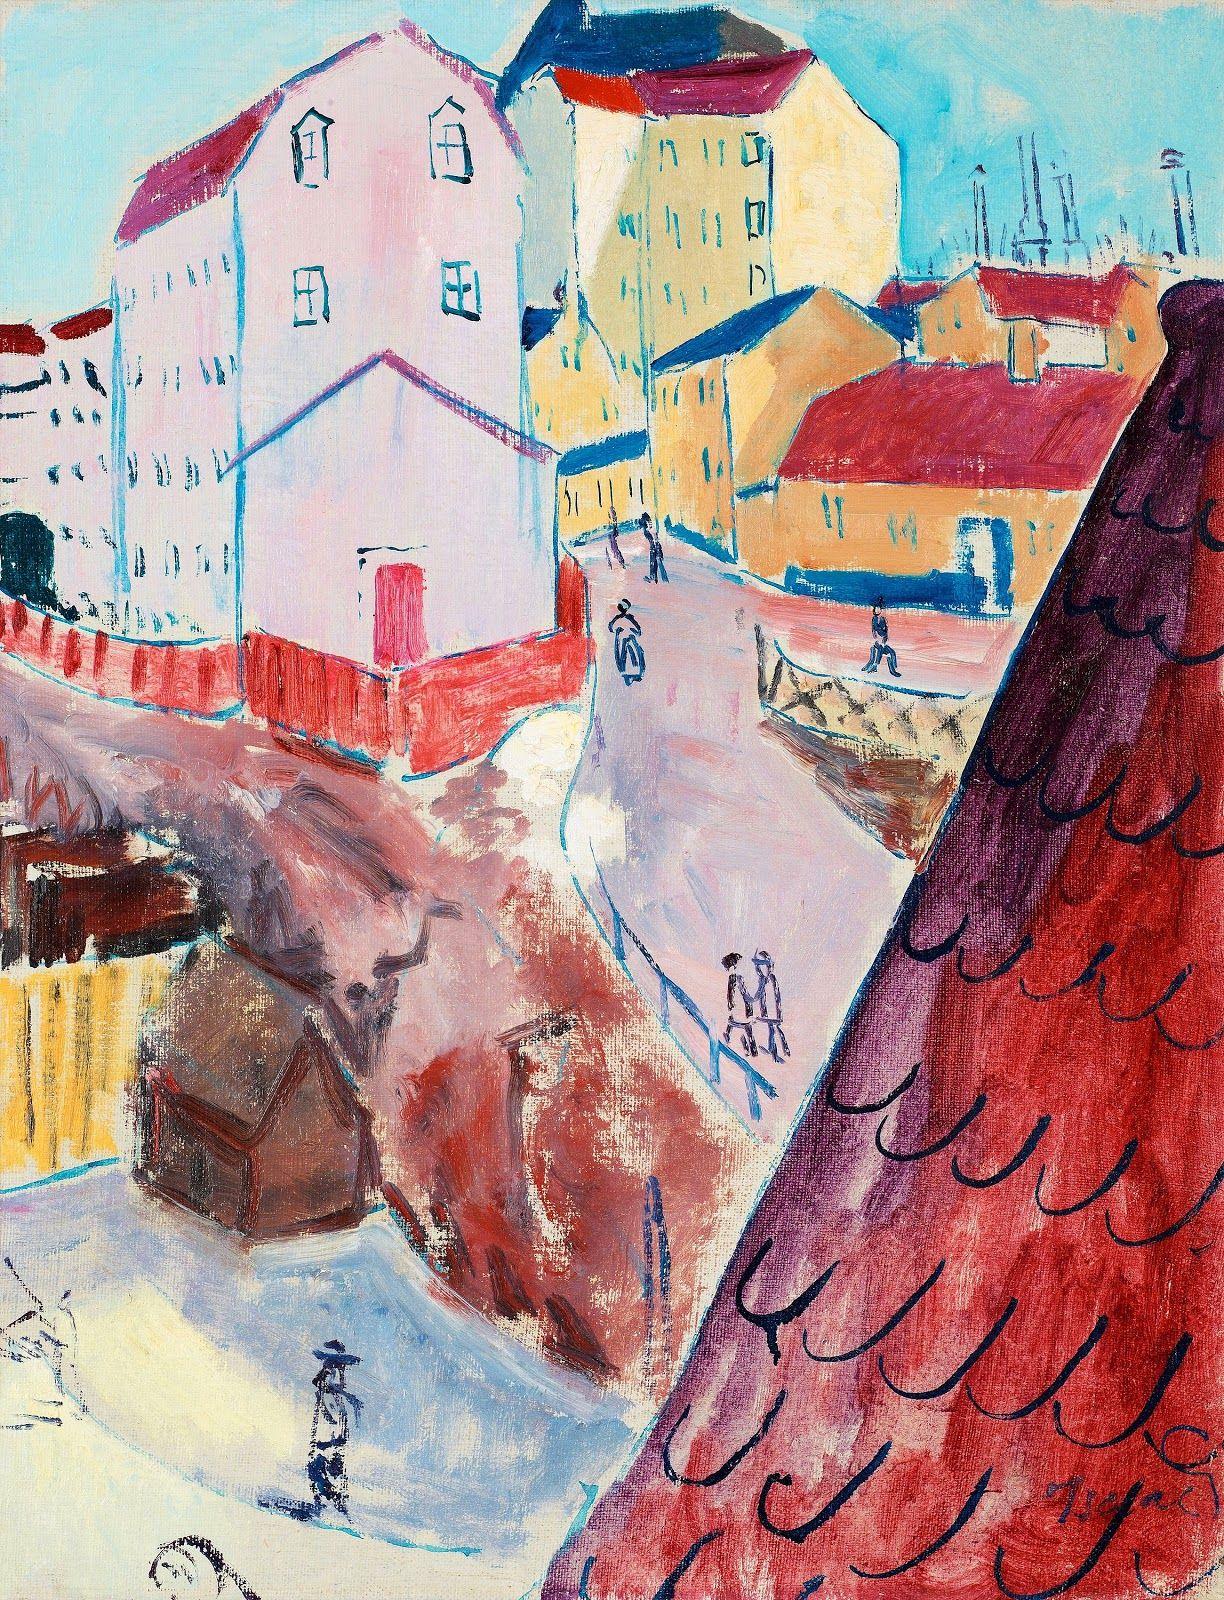 Isaac Grunewald Modern Expressionist Painter In 2020 Painting Art Scandinavian Art